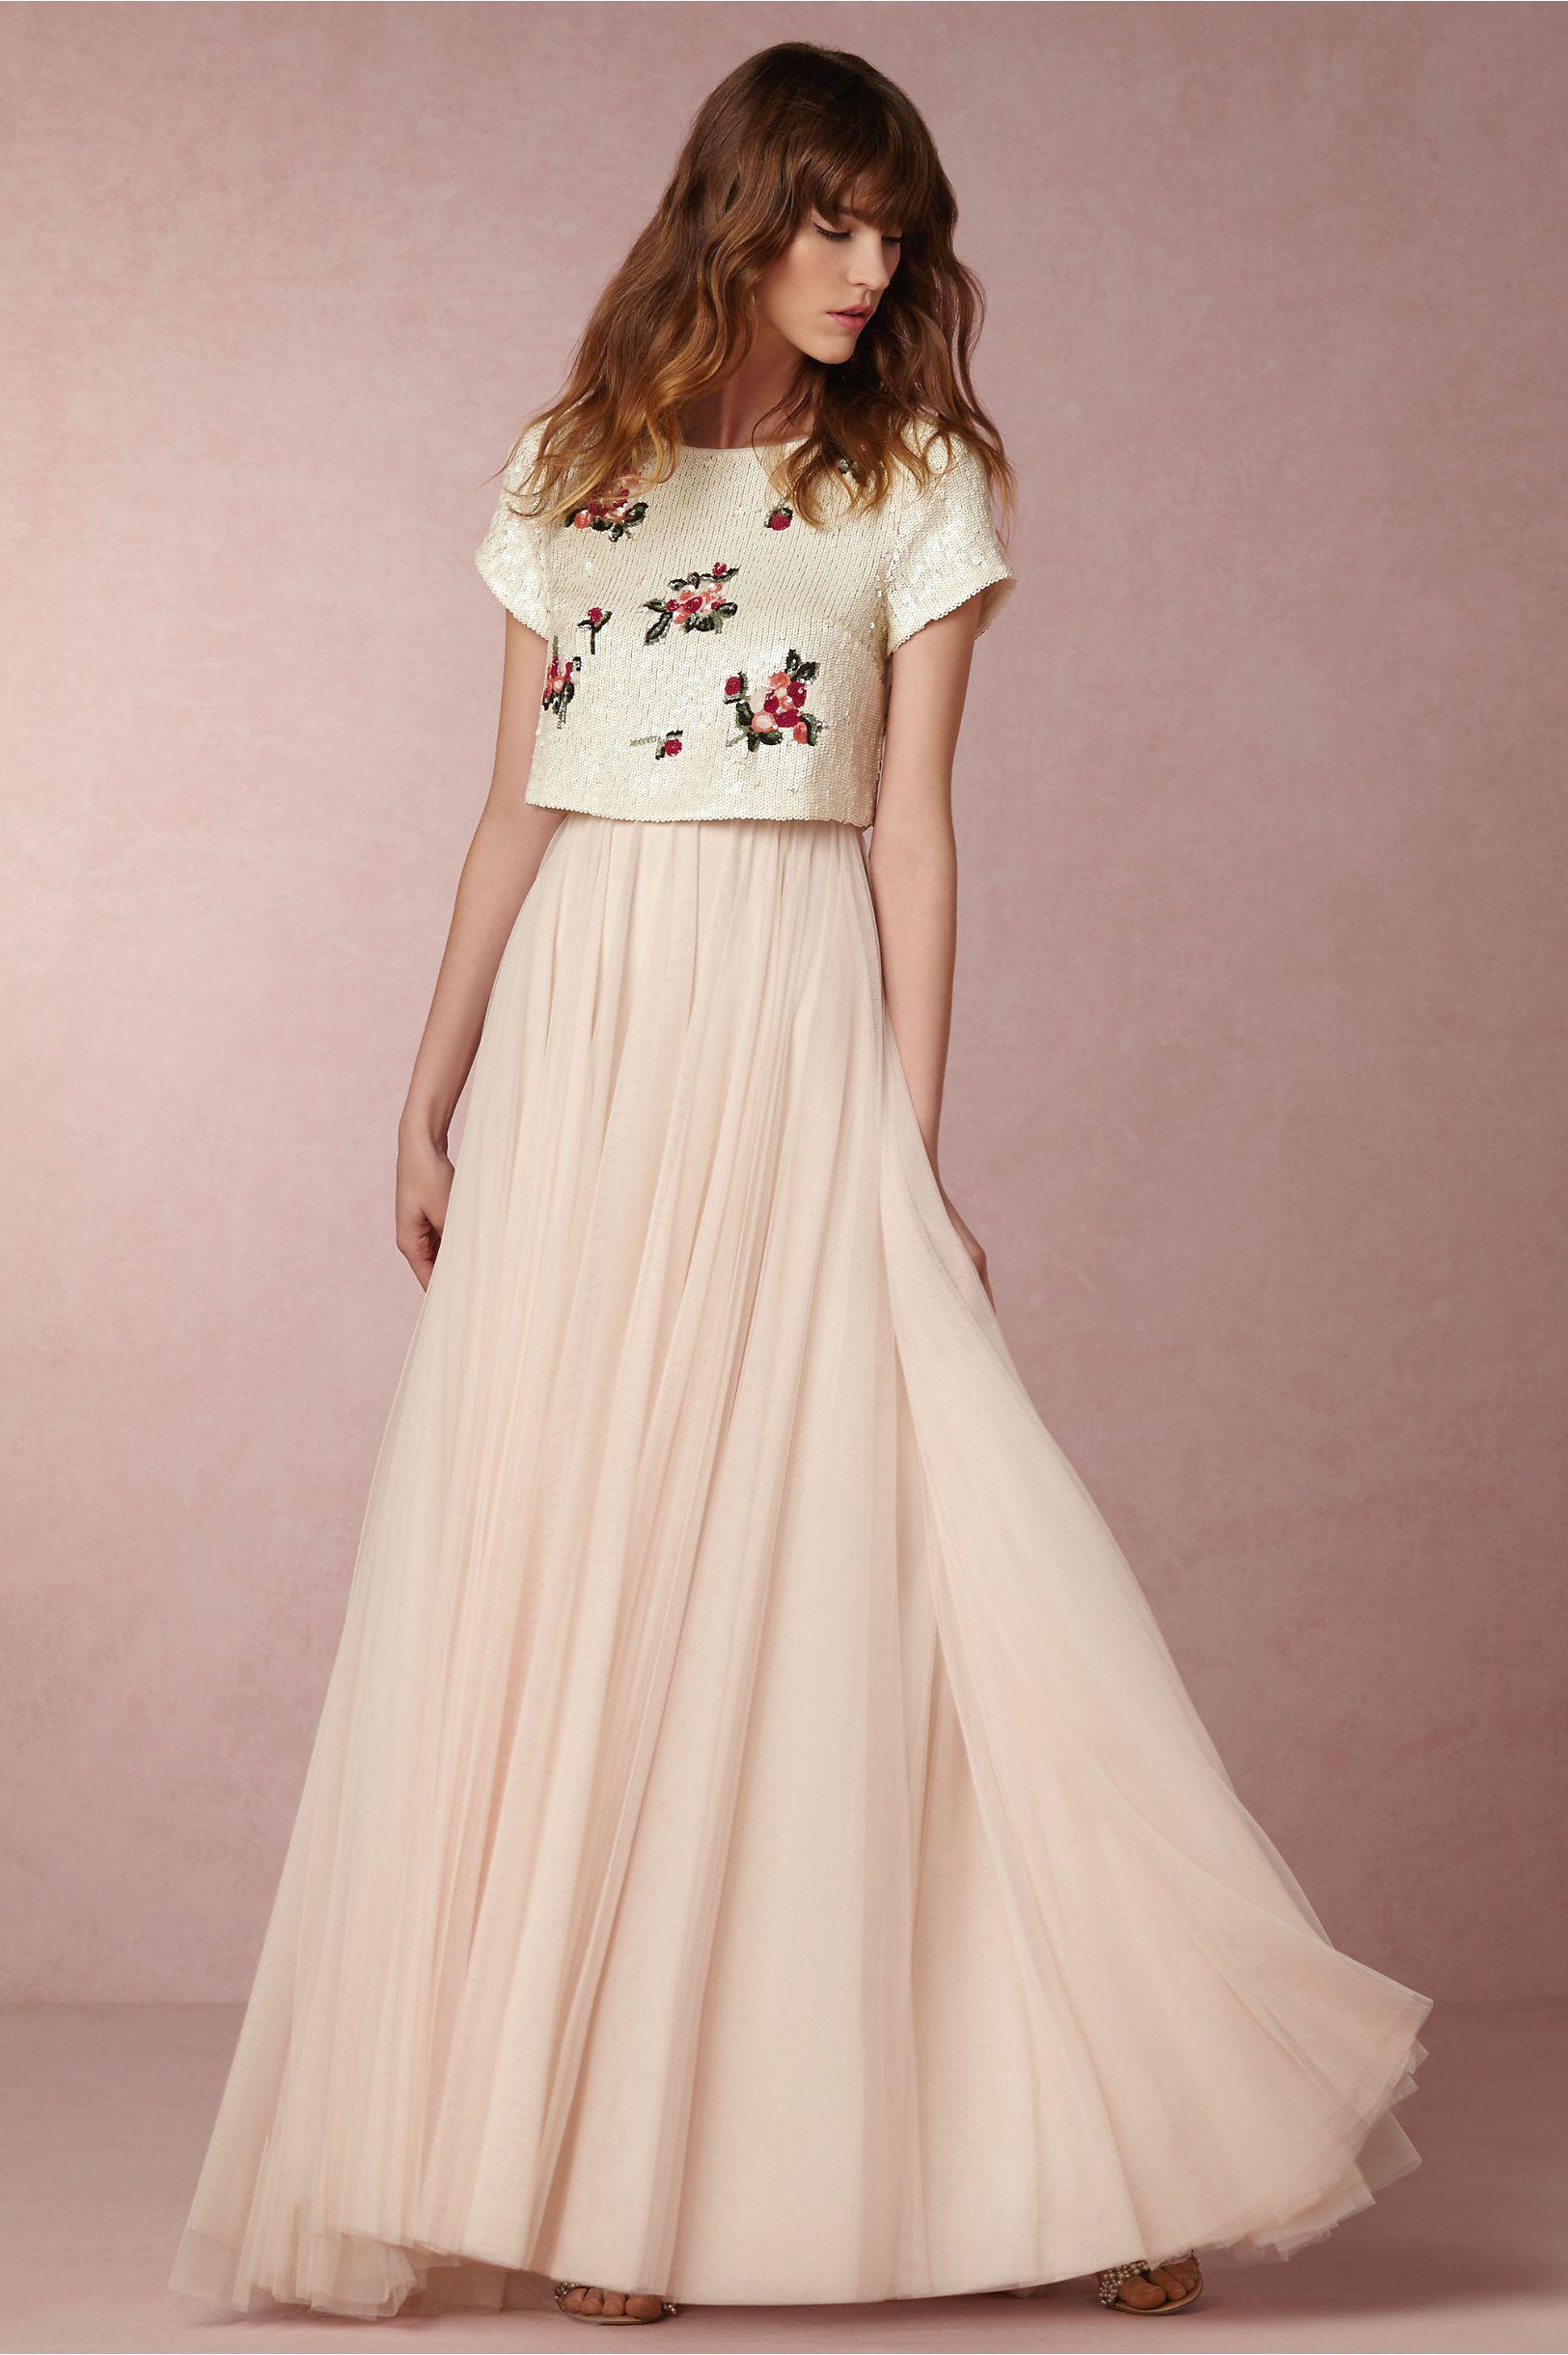 Zweiteilige Brautkleider: Der Brautmode-Trend 13